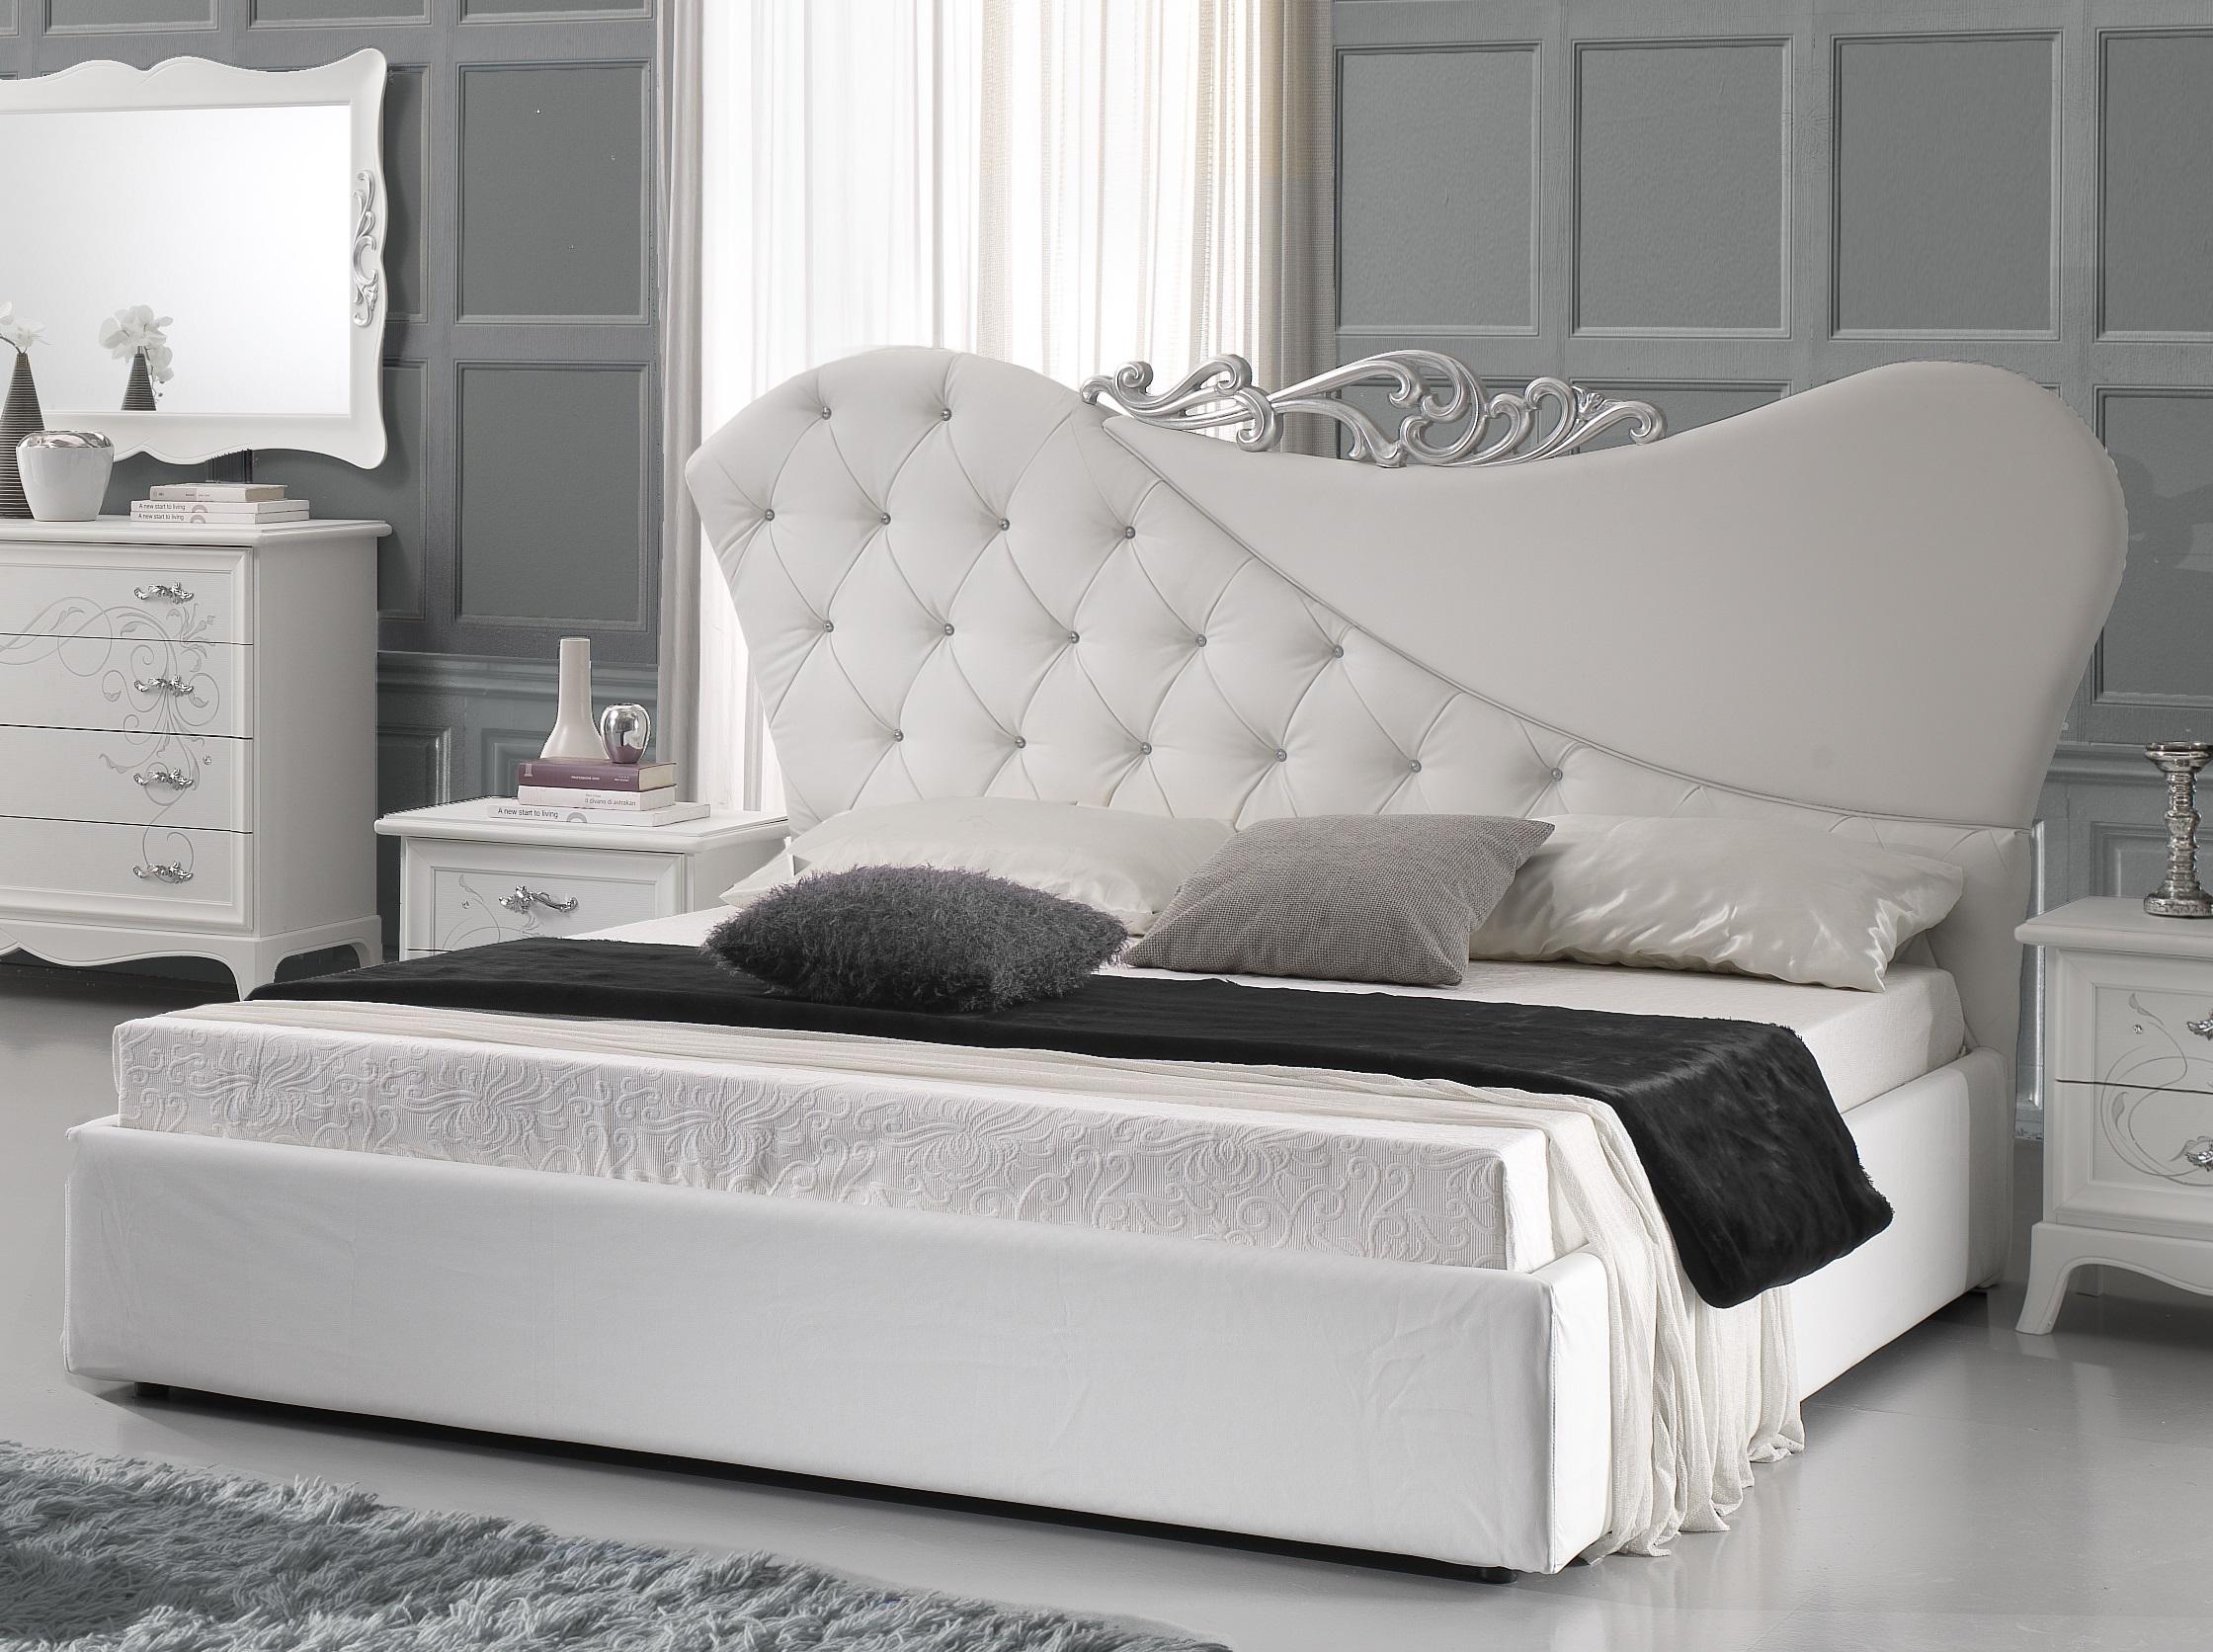 doppeltbett gisell in weiss edel luxus bett ohne lattenrost 160x200 cm gis b160 l. Black Bedroom Furniture Sets. Home Design Ideas